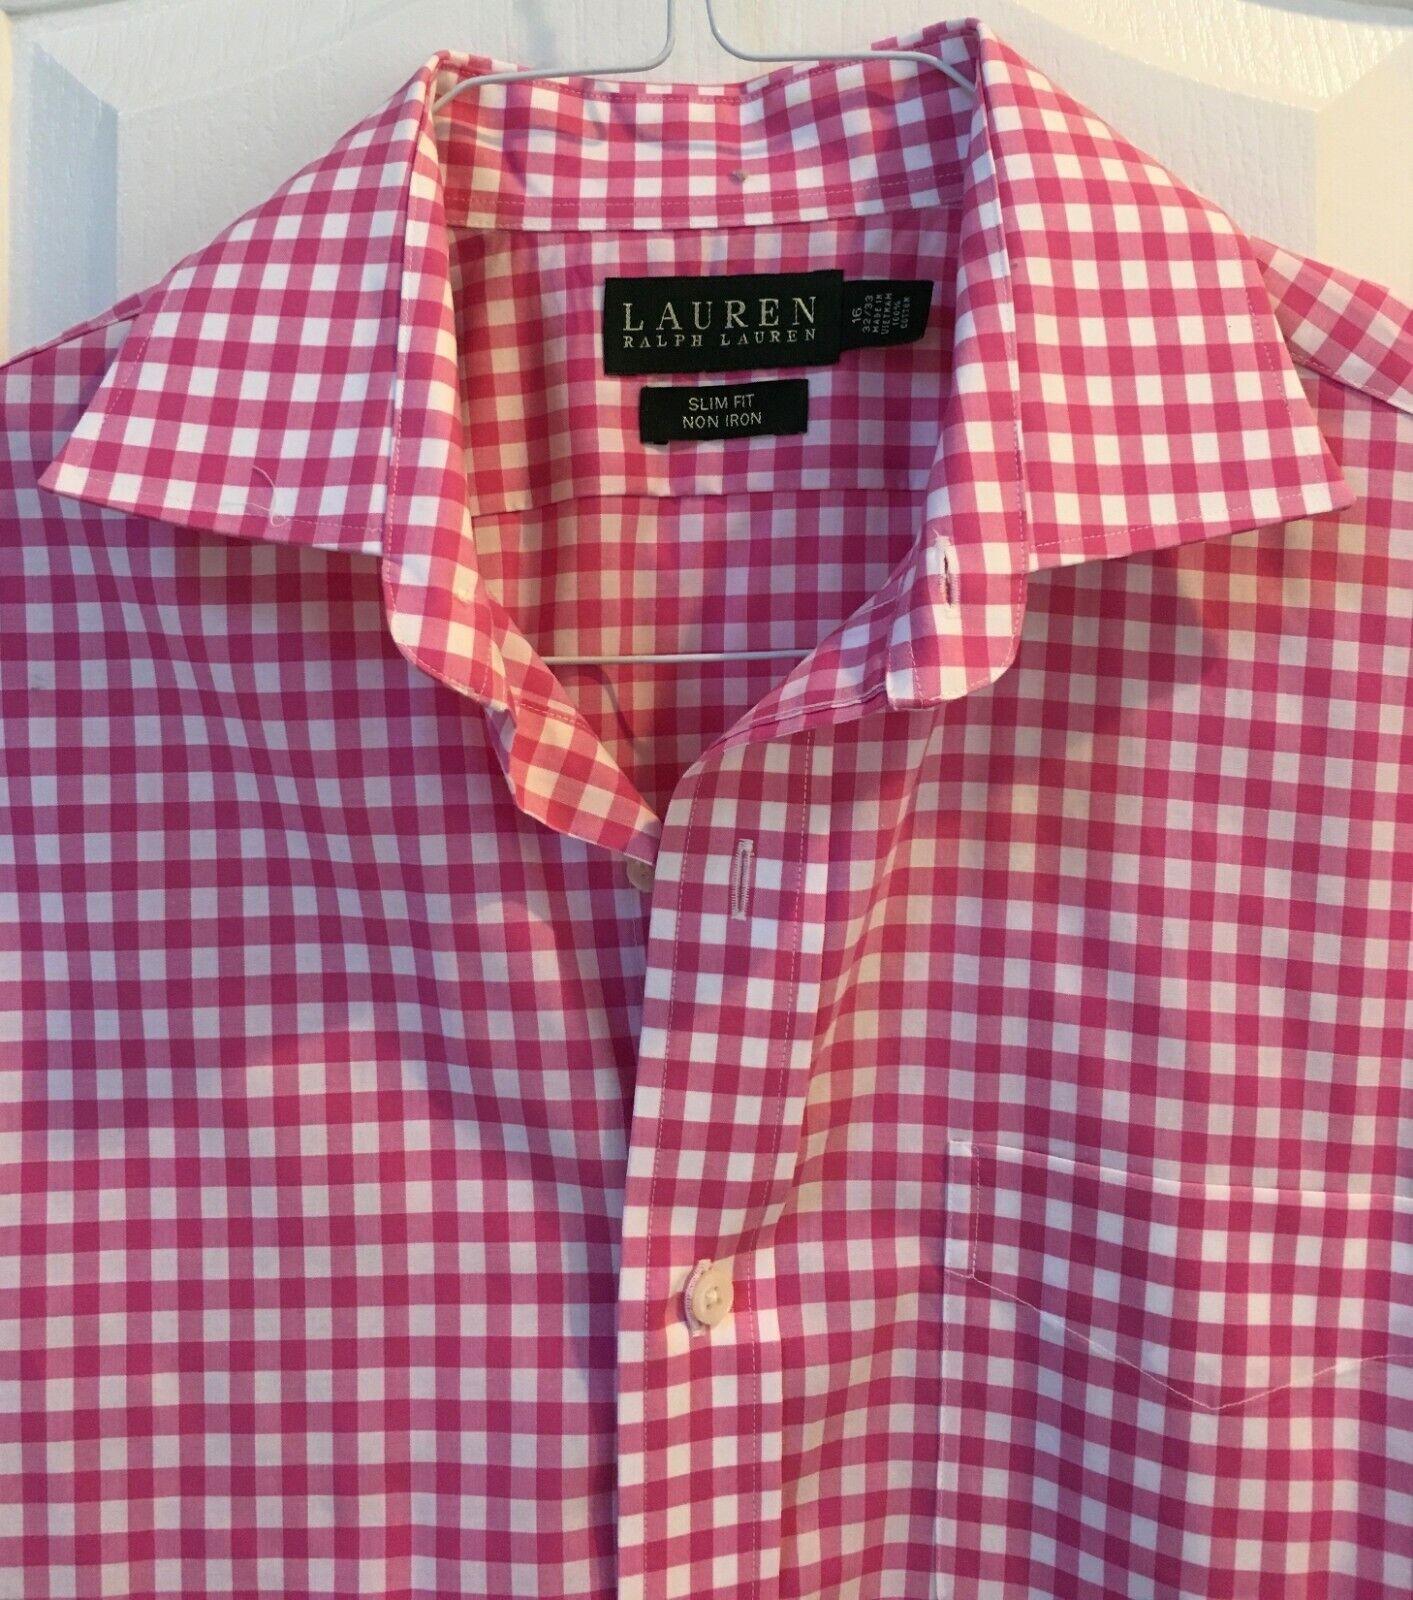 Lauren by Ralph Lauren Men's pink gingham long-sleeve button-down shirt